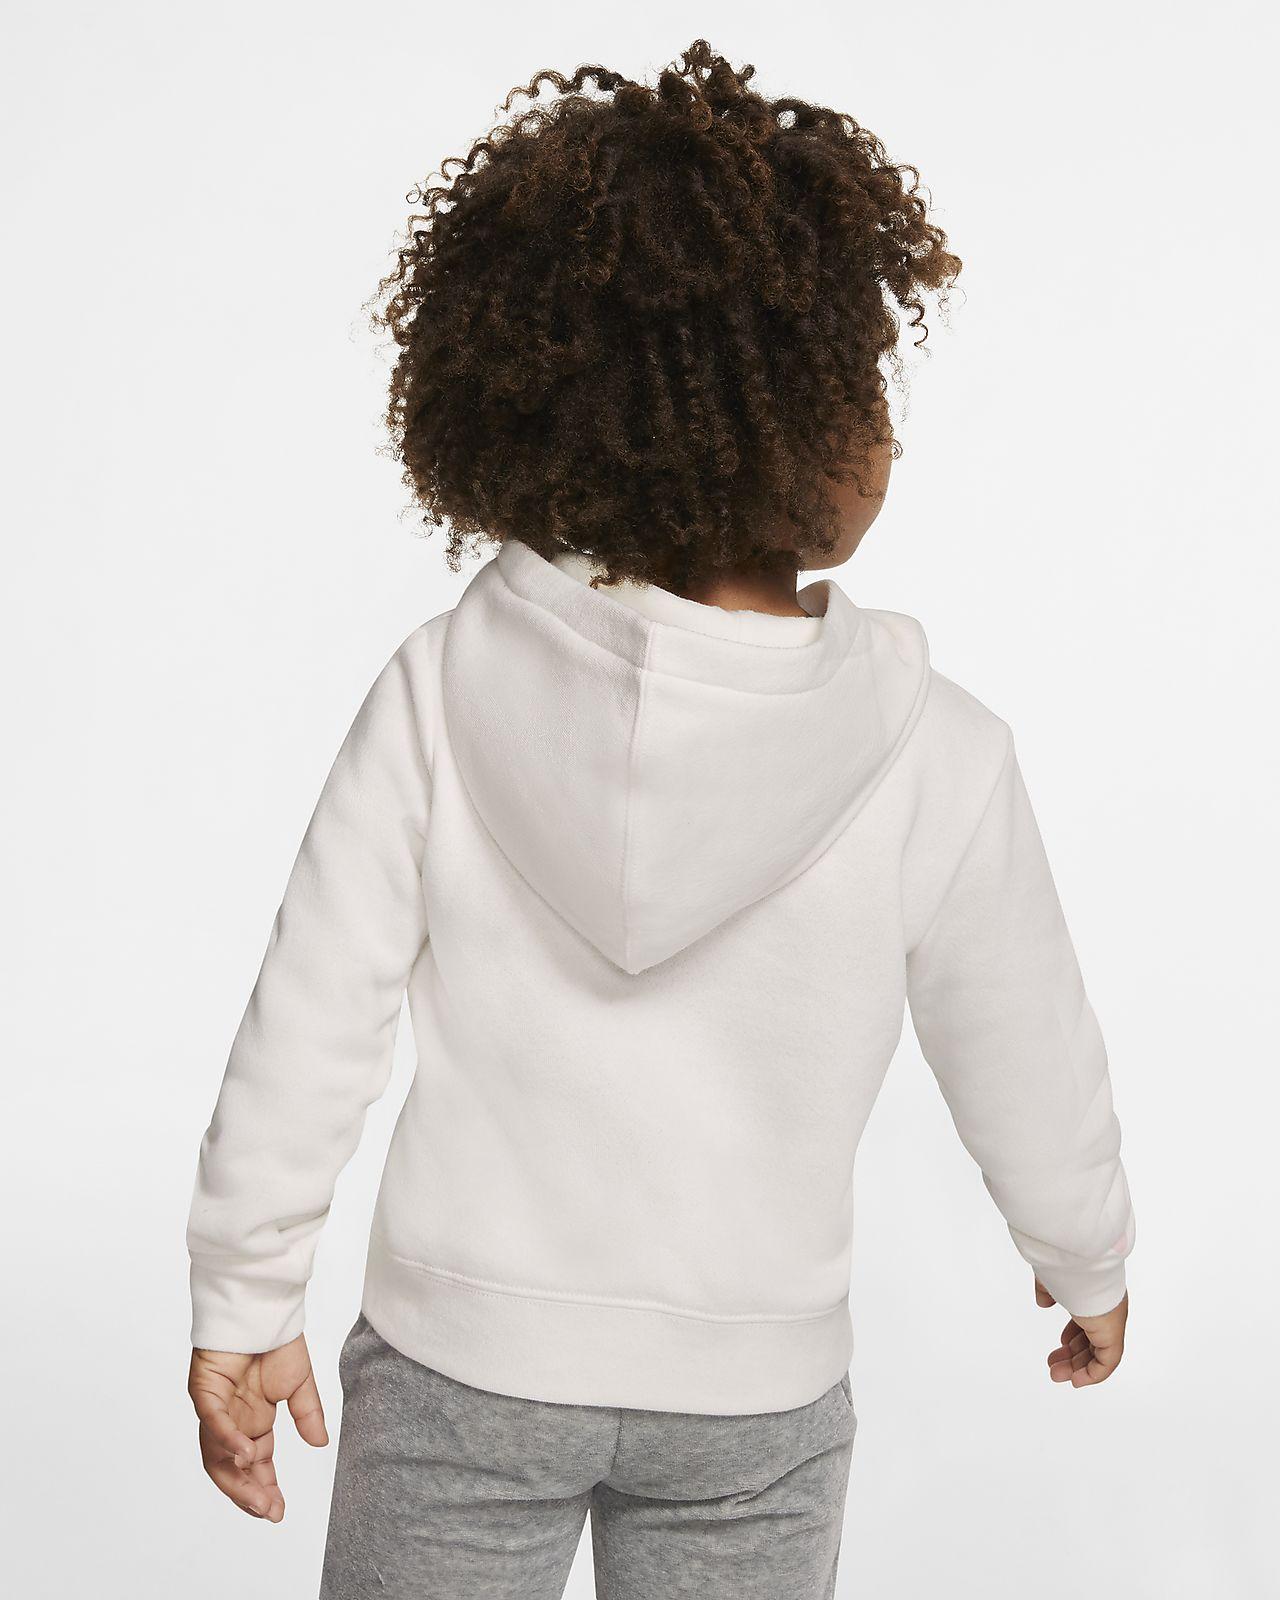 Bluza o skróconym kroju dla małych dzieci Nike Sportswear